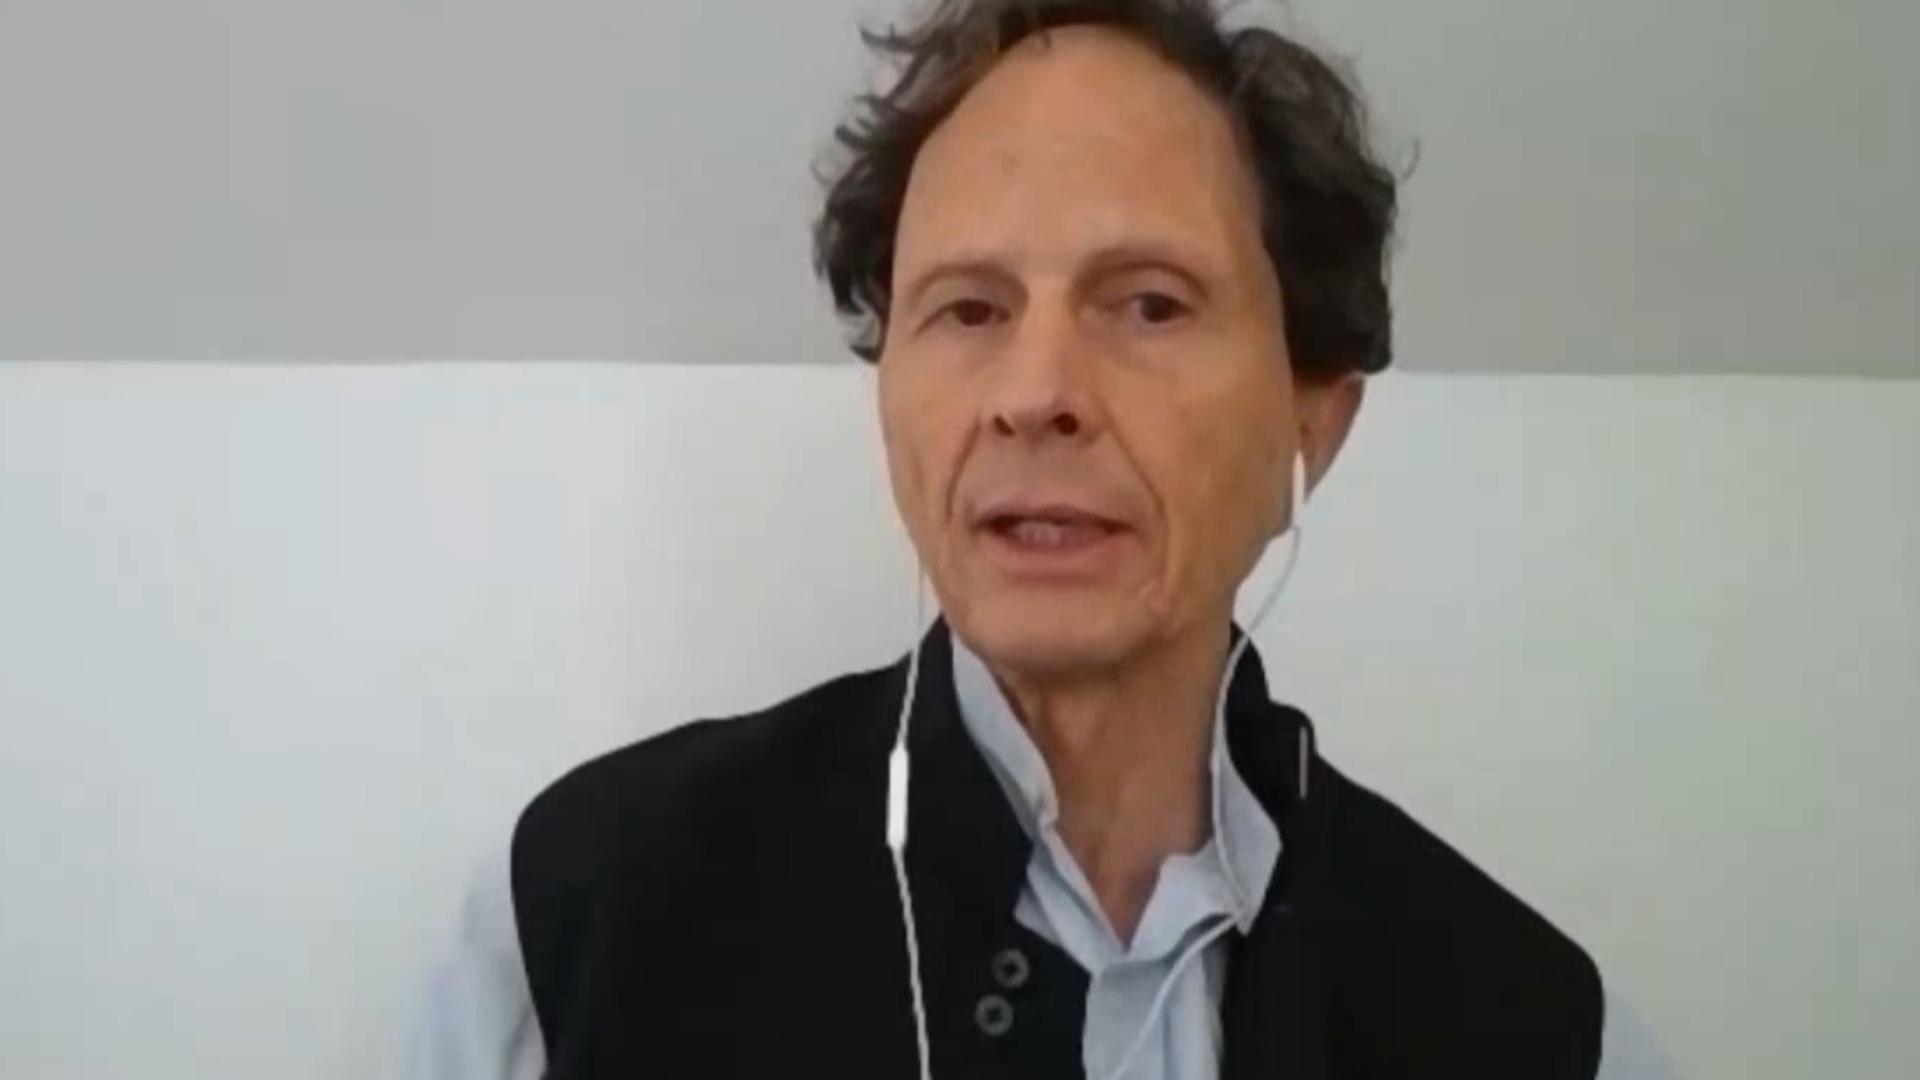 △伦敦大学卫生和热带医学院传染病学教授戴维·海曼教授